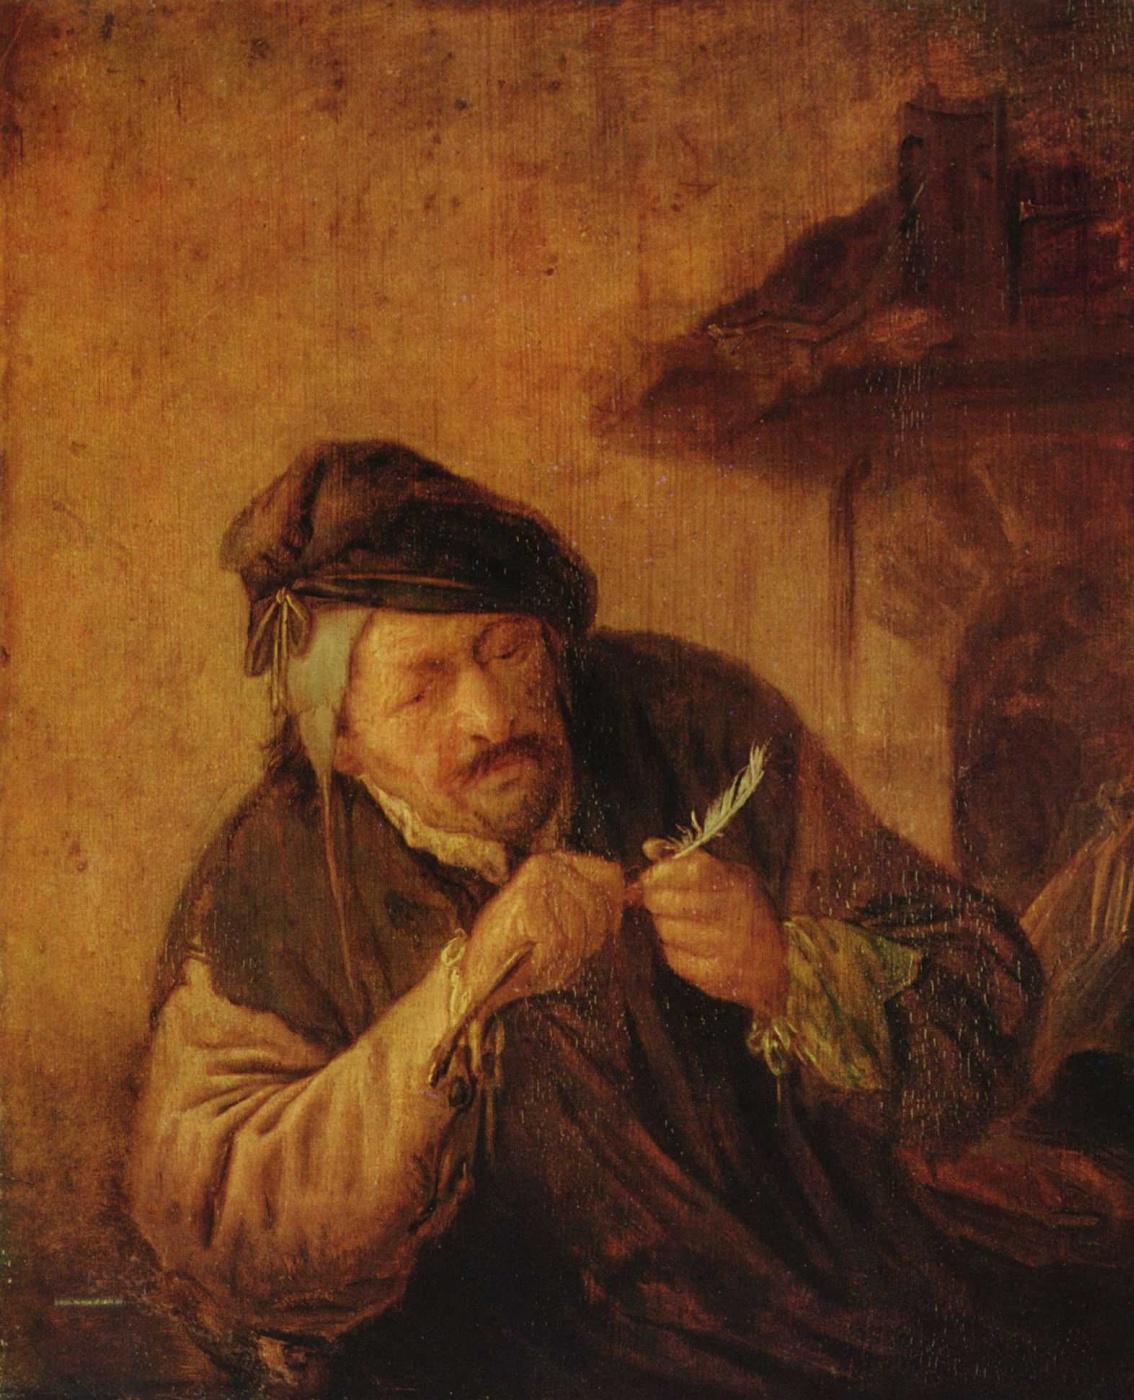 Adrian Jans van Ostade. A man sharpening a pen